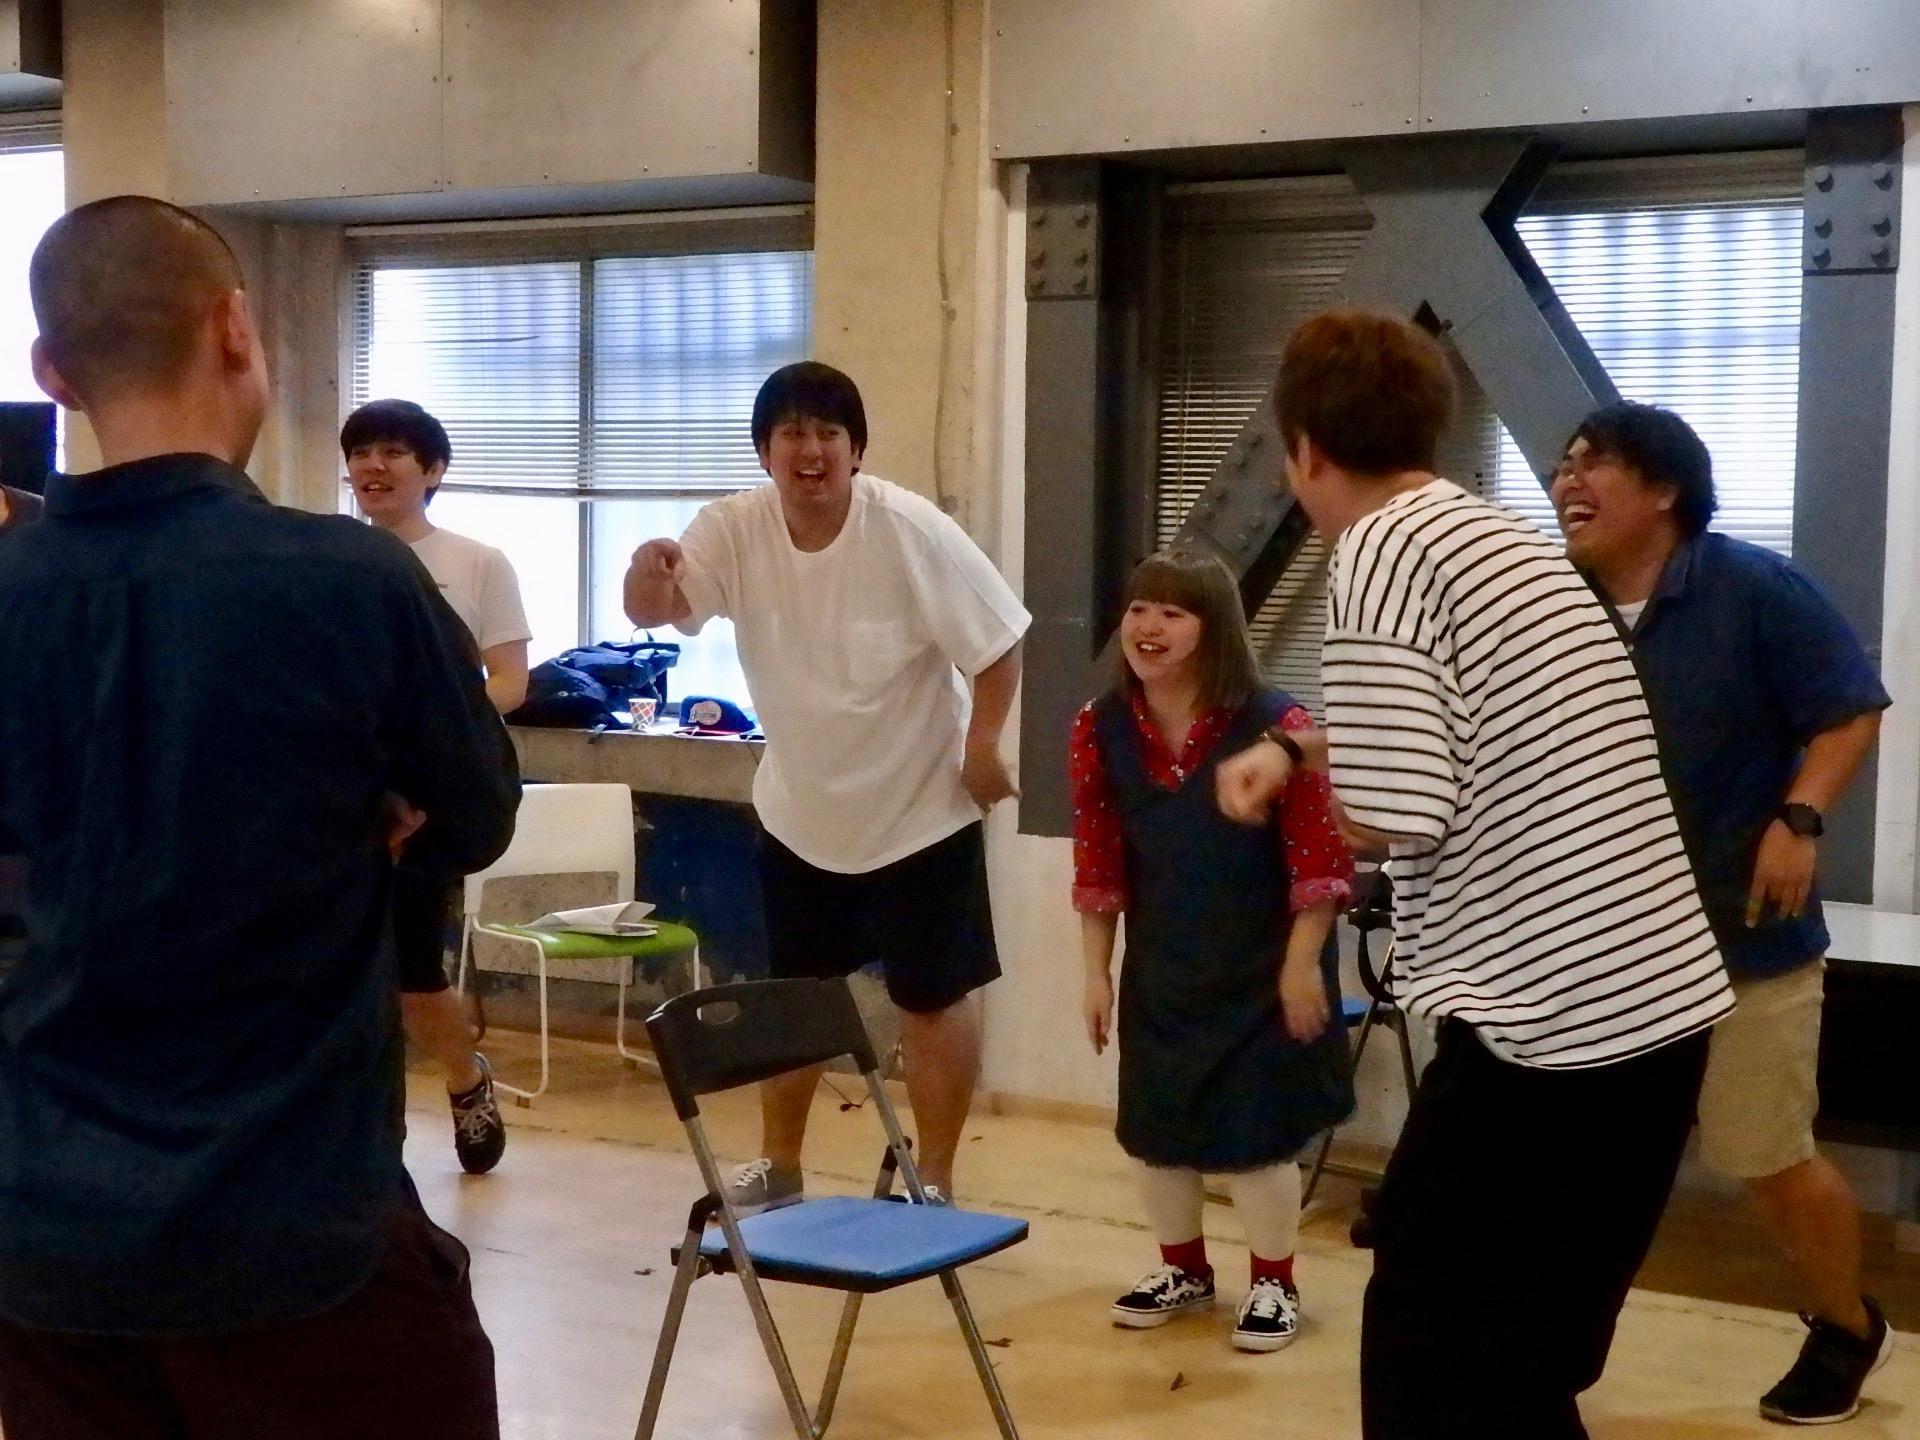 http://news.yoshimoto.co.jp/20180703053352-c1f4fc84204552574b47c336785cad222cf71afb.jpg